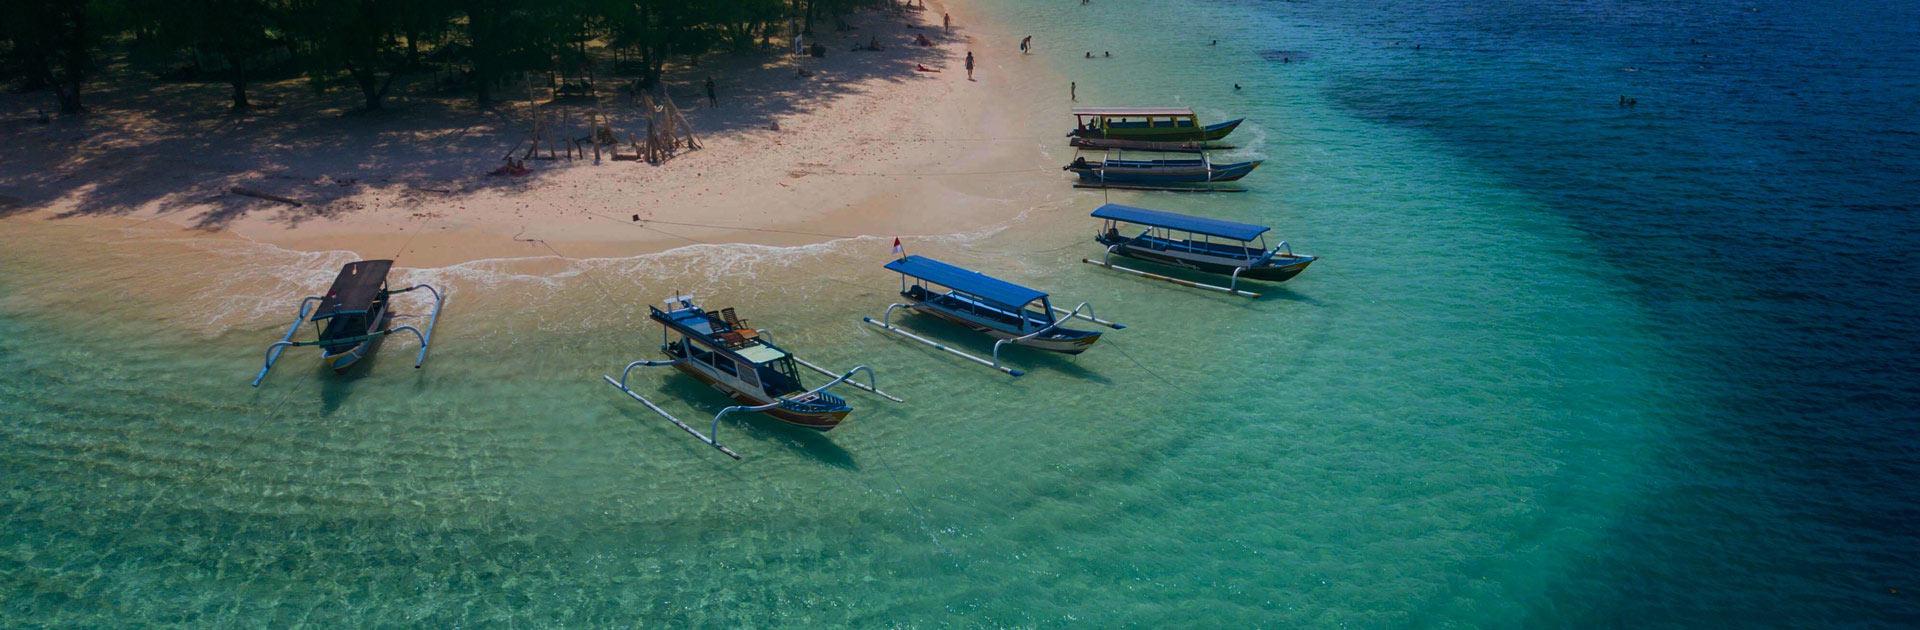 ID Bali y Lombok 13 días 3